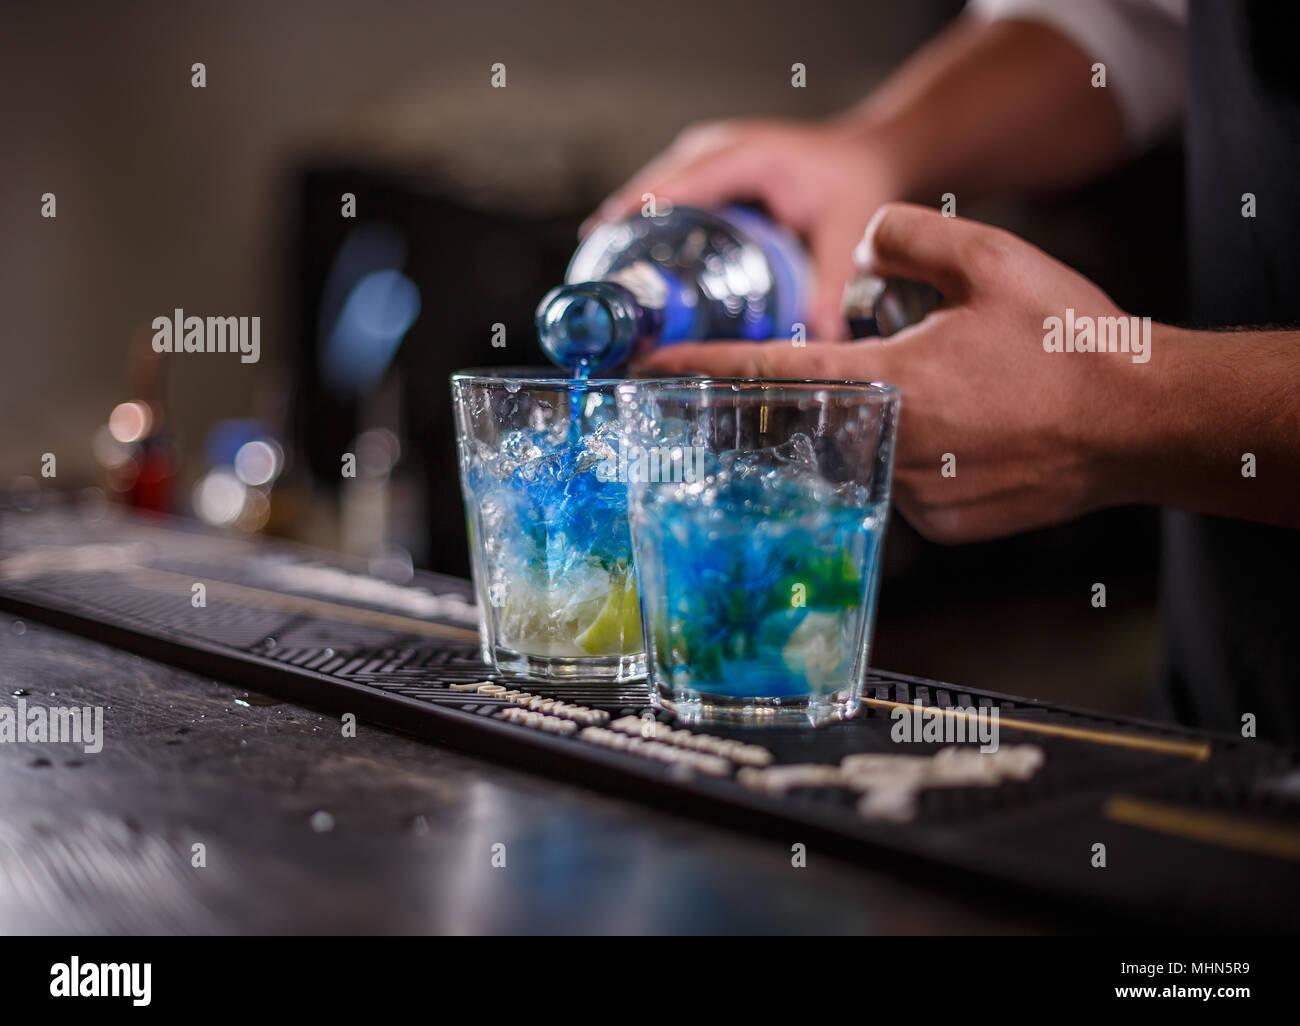 Barman, verter la bebida en un cóctel de vidrio con cubitos de hielo. Imagen De Stock